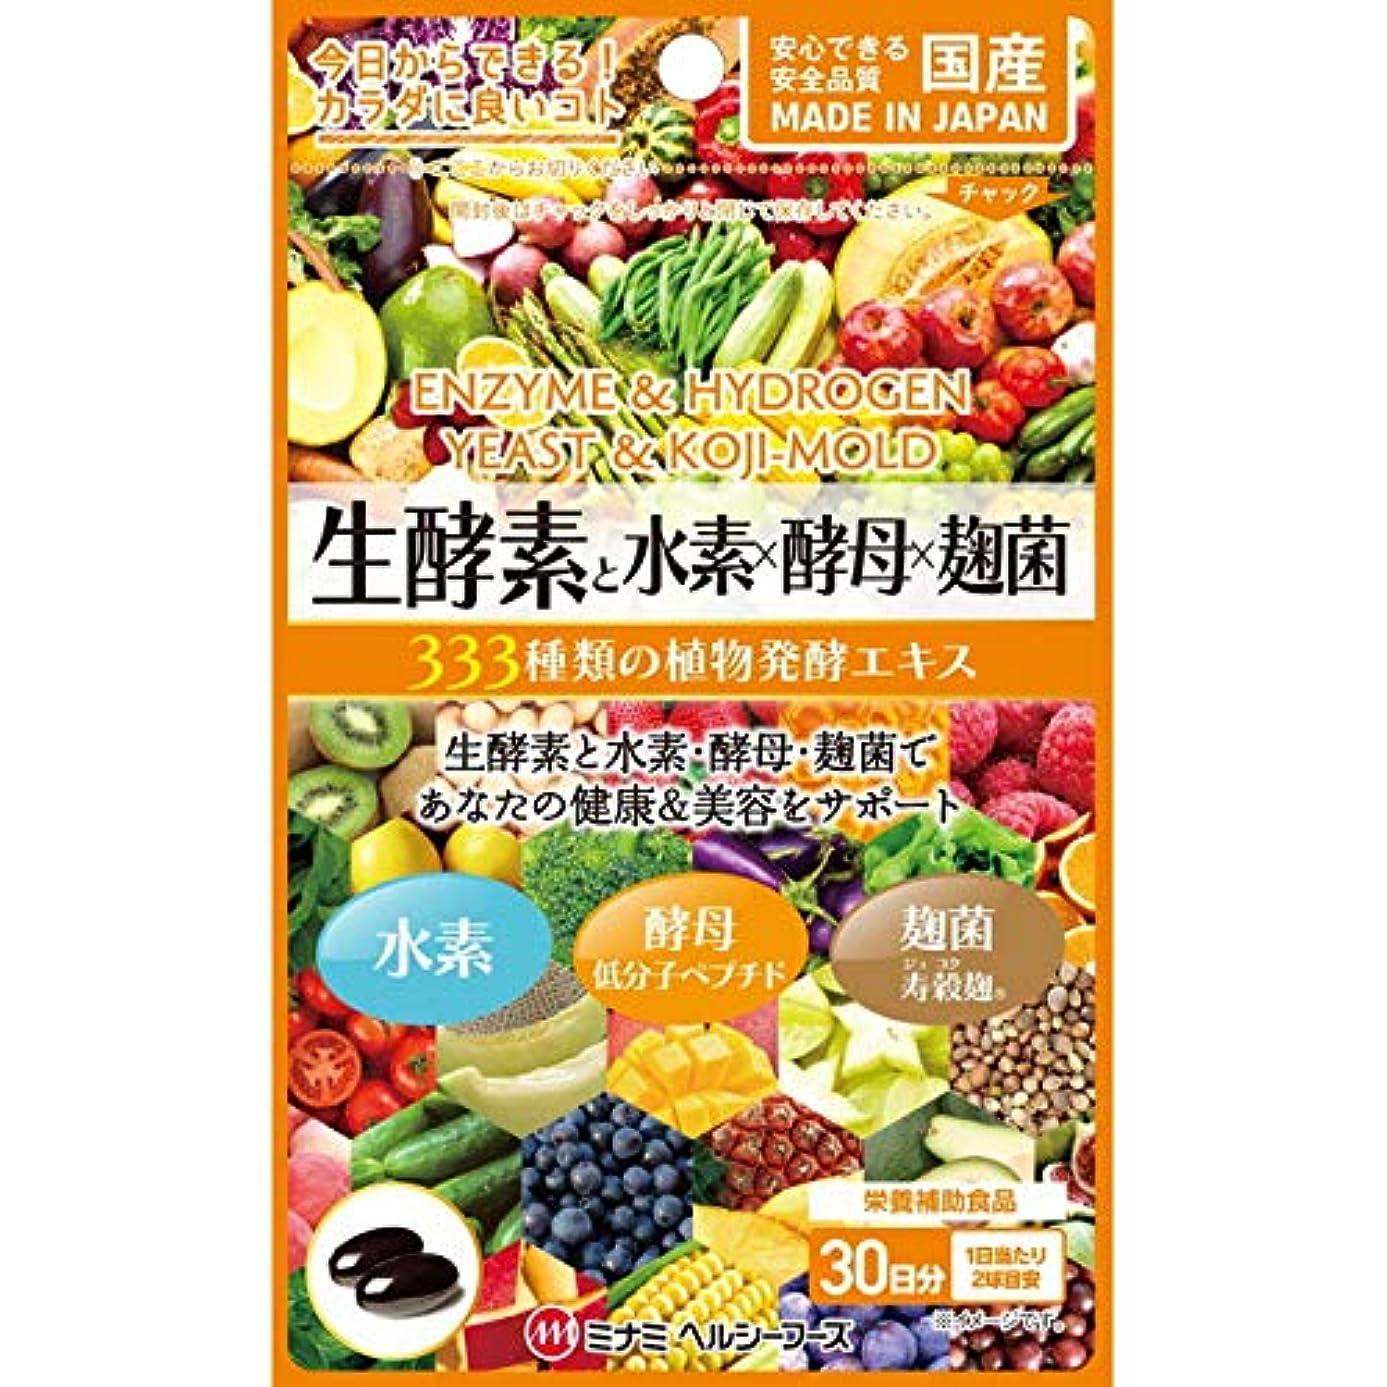 退却アクチュエータぬるいミナミヘルシーフーズ 生酵素と水素×酵母×麹菌 60球